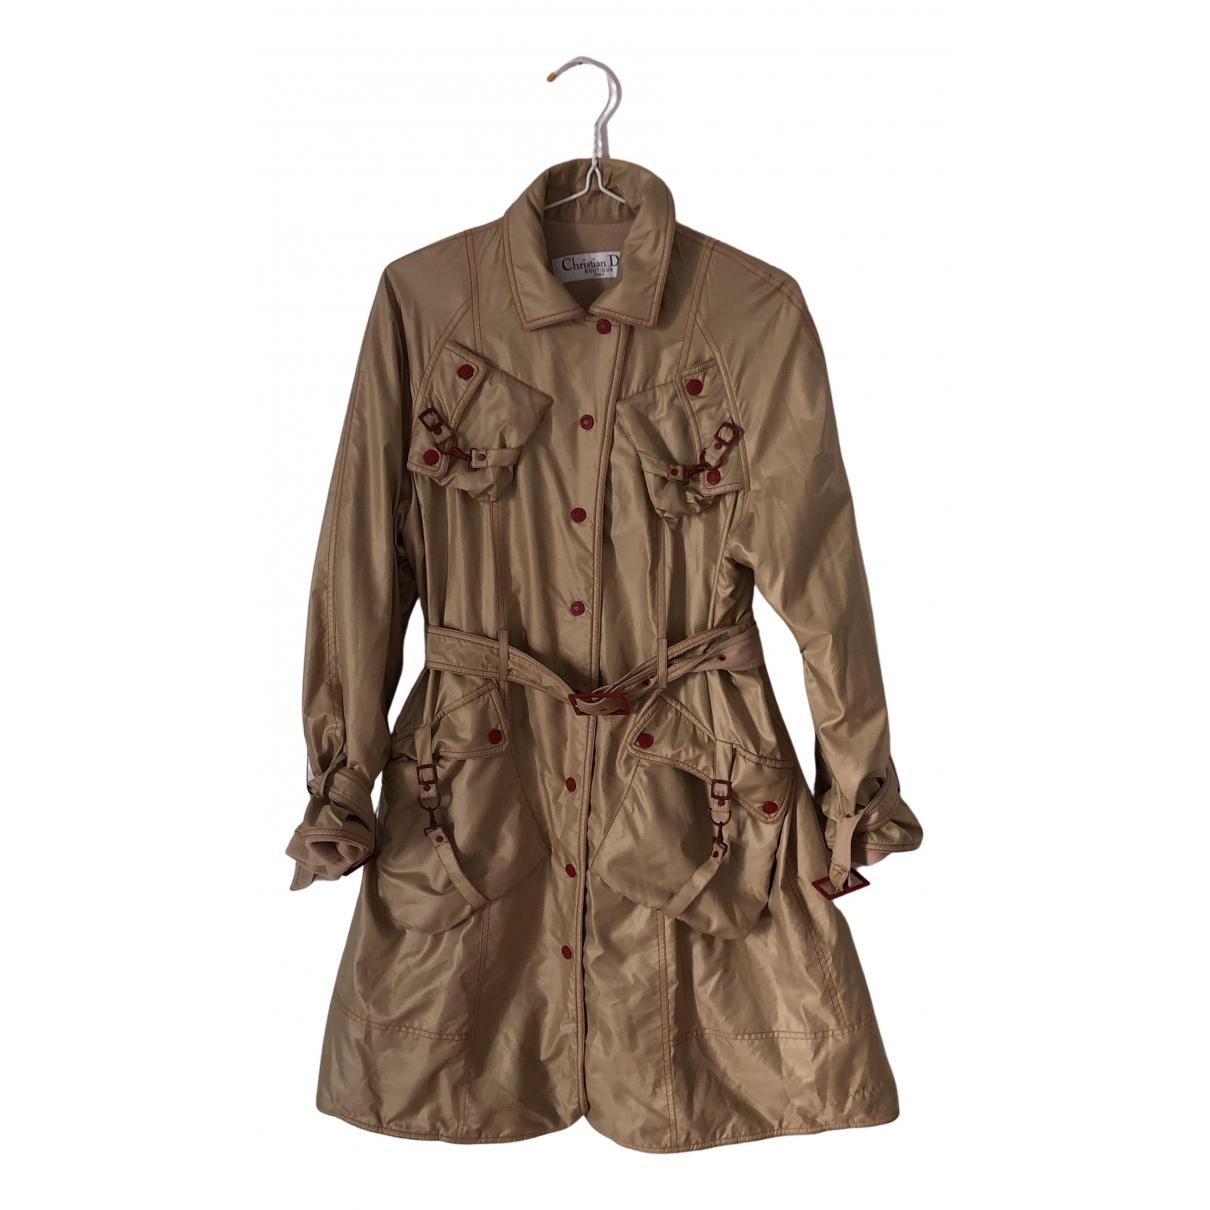 Christian Dior - Manteau   pour femme - beige